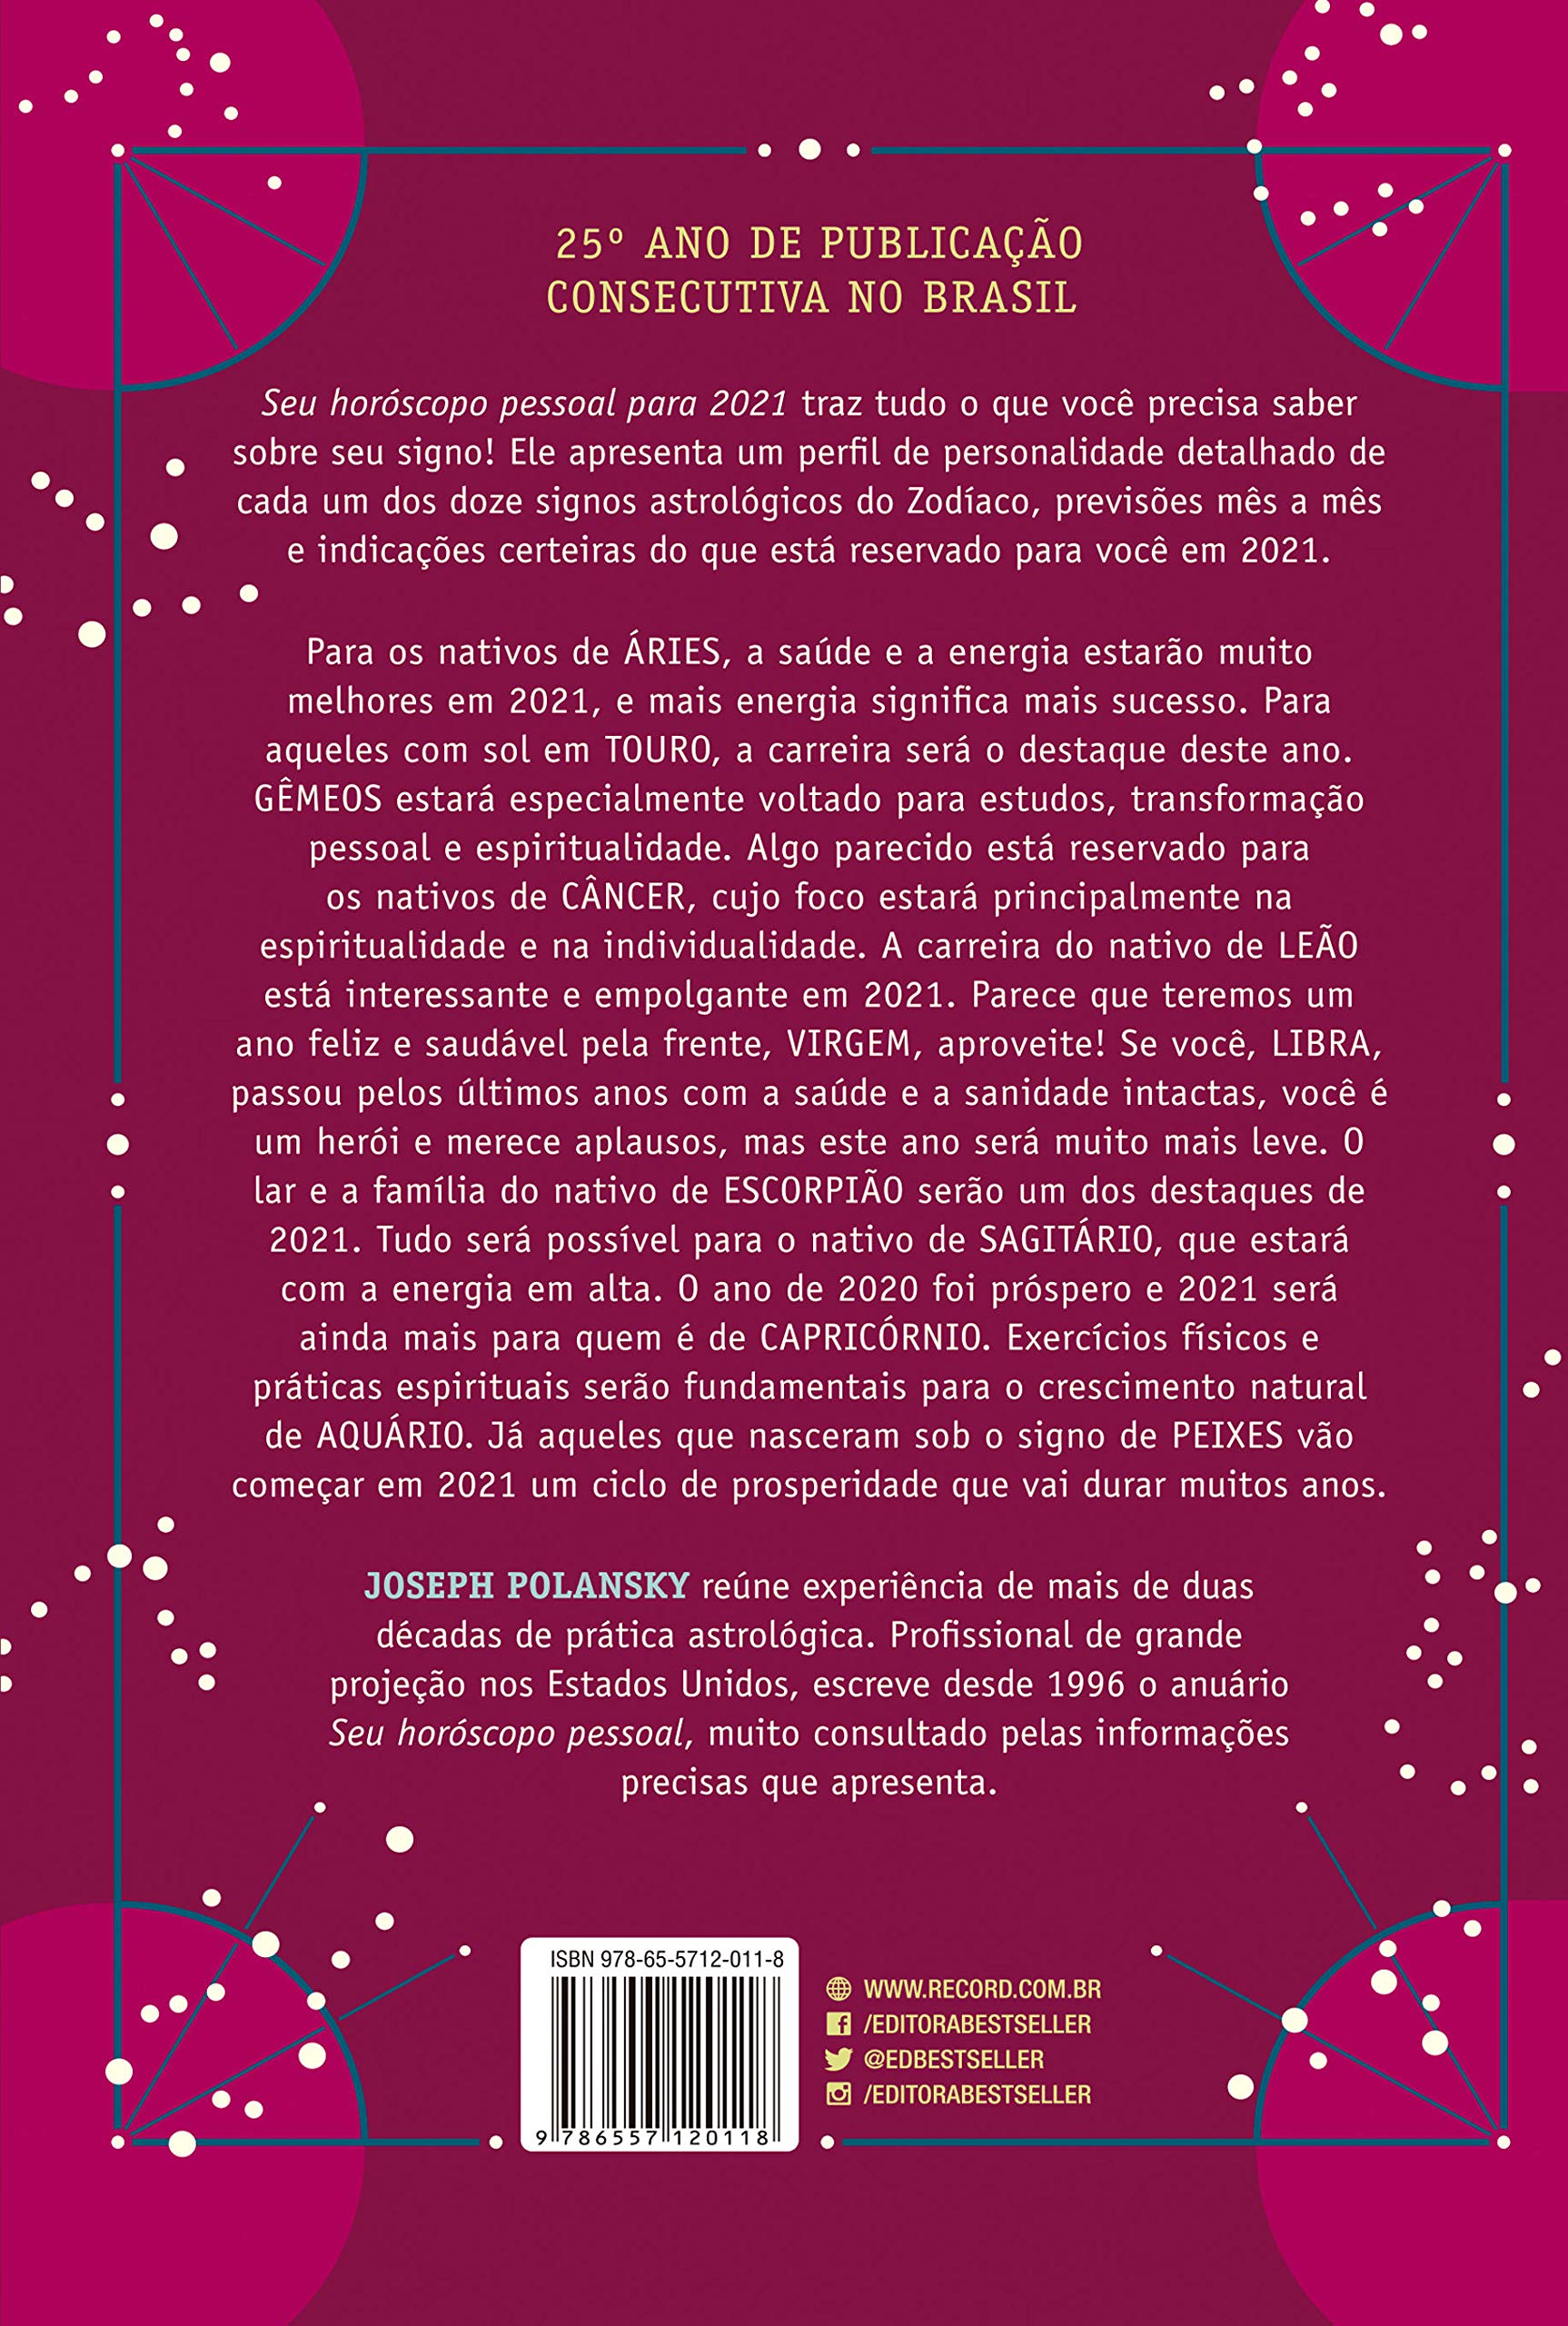 Livro 'Seu horóscopo pessoal para 2021' por Joseph Polansky